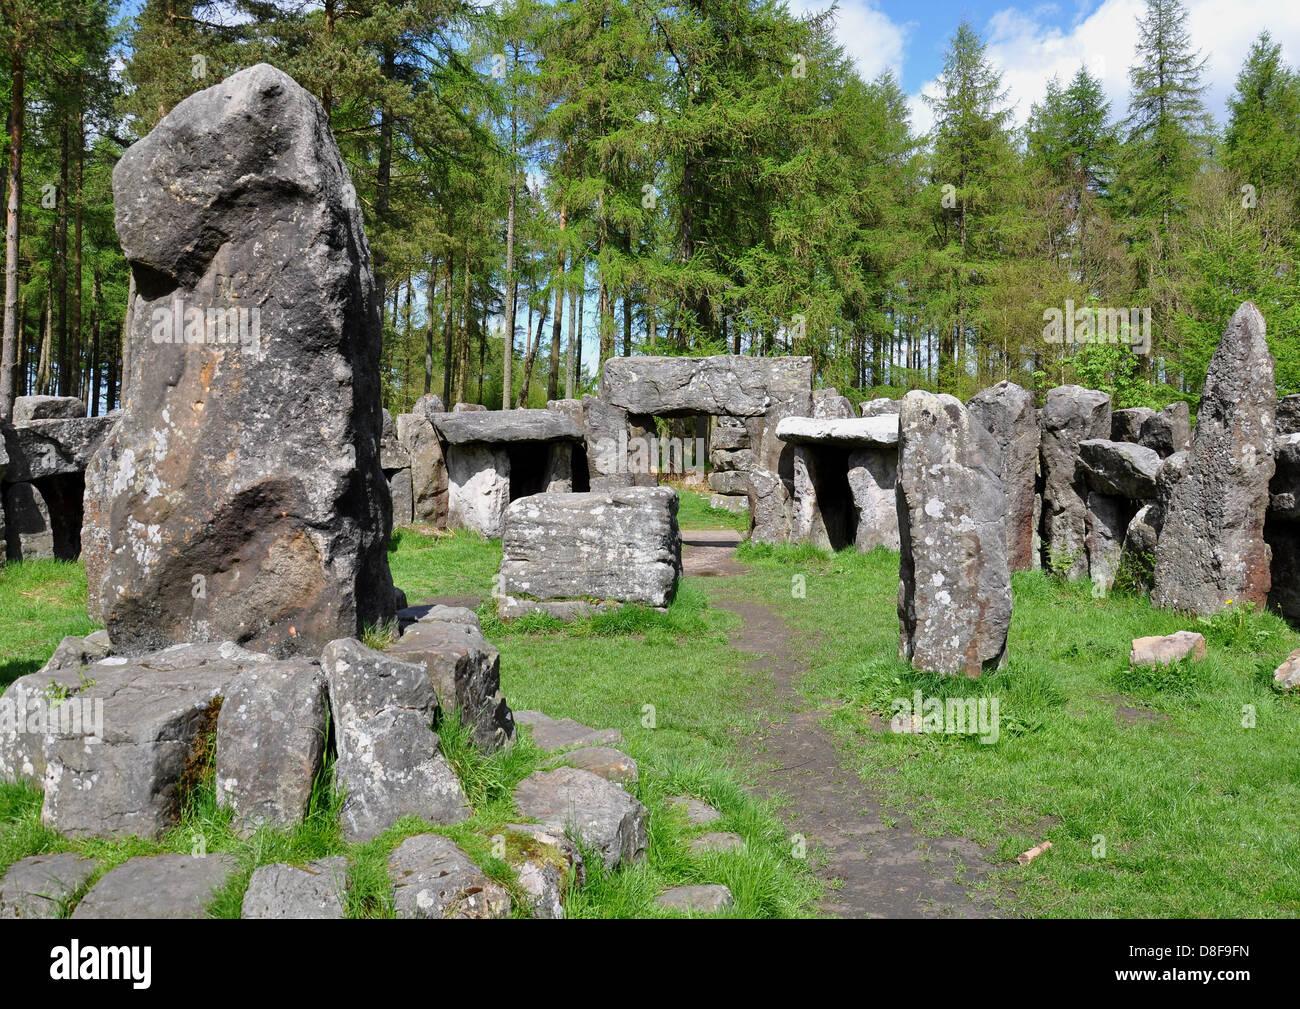 Druid's Temple, Masham, Yorkshire, United KIngdom - Stock Image